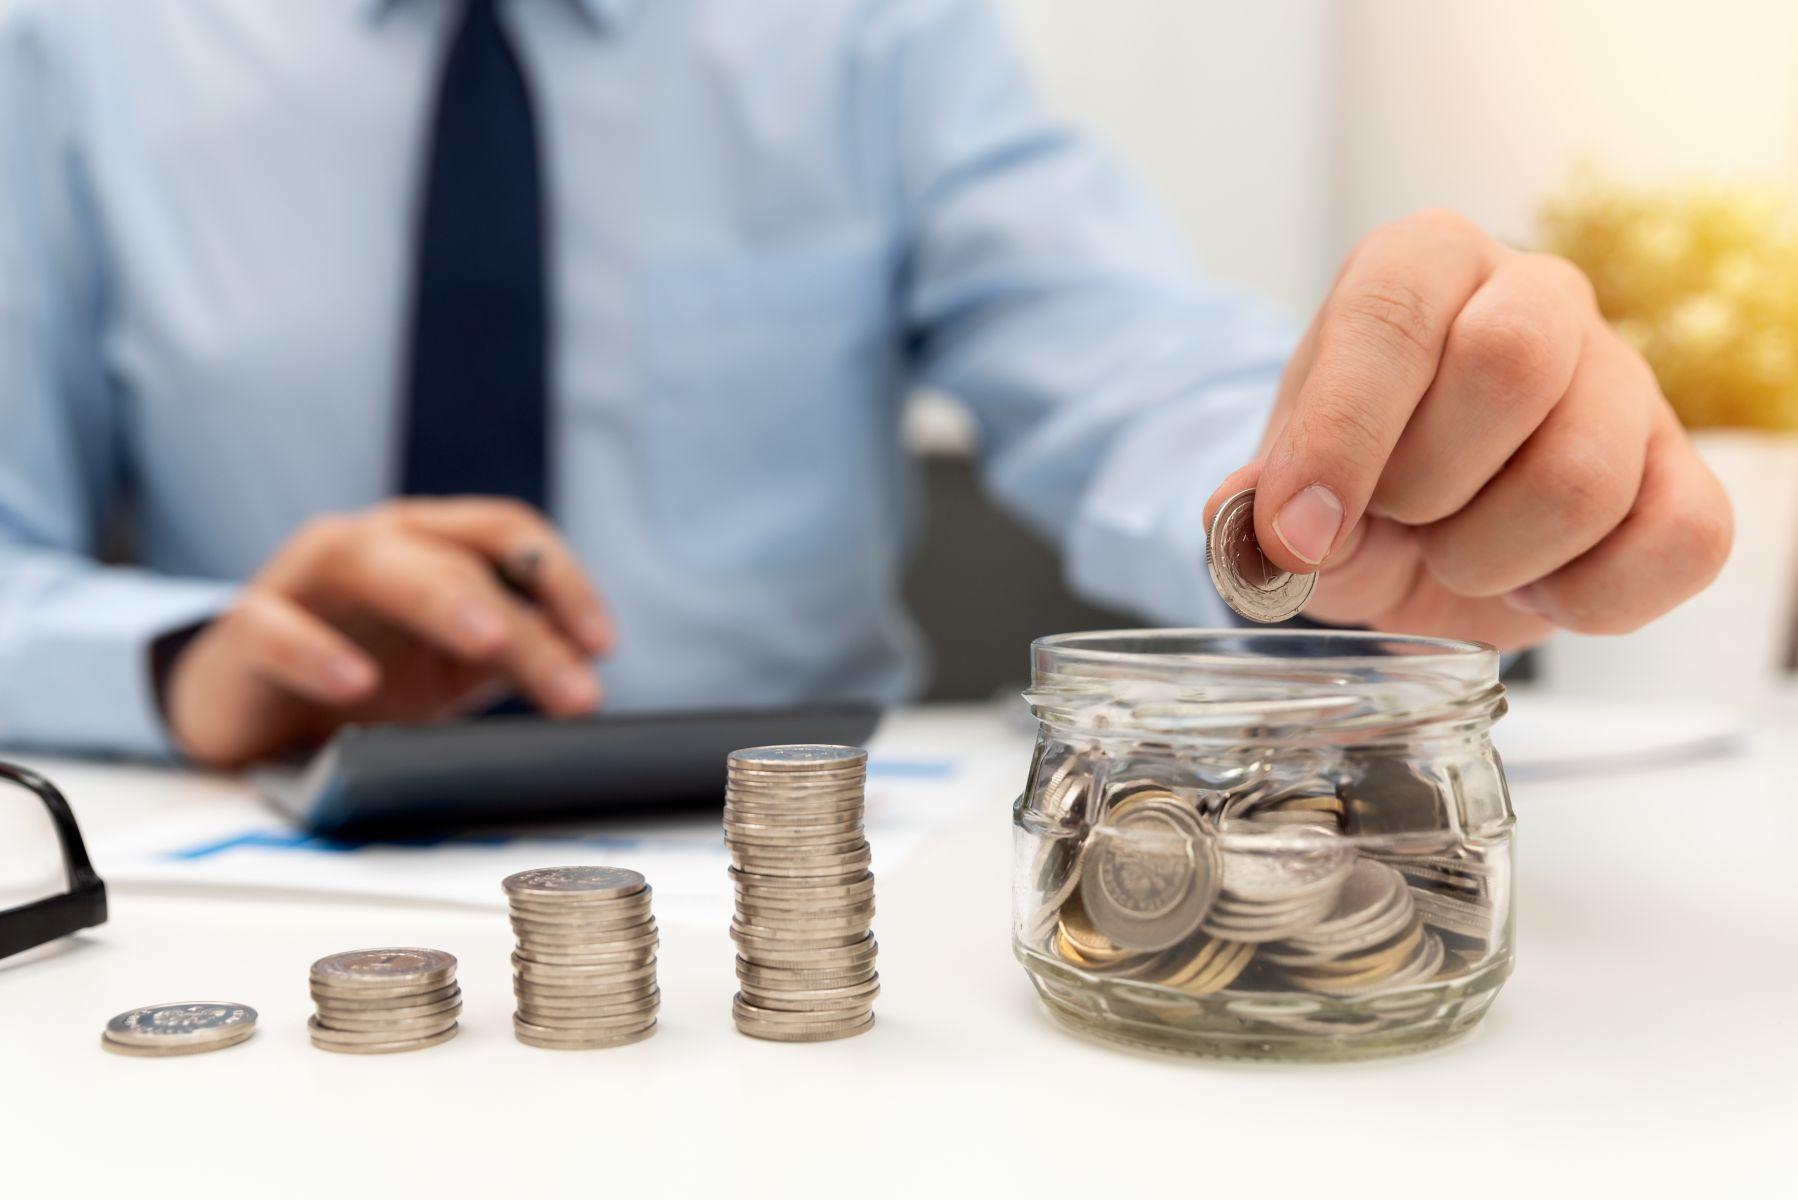 儲蓄險漲價前卡位》儲蓄險、定存哪個好?投保要考慮3件事